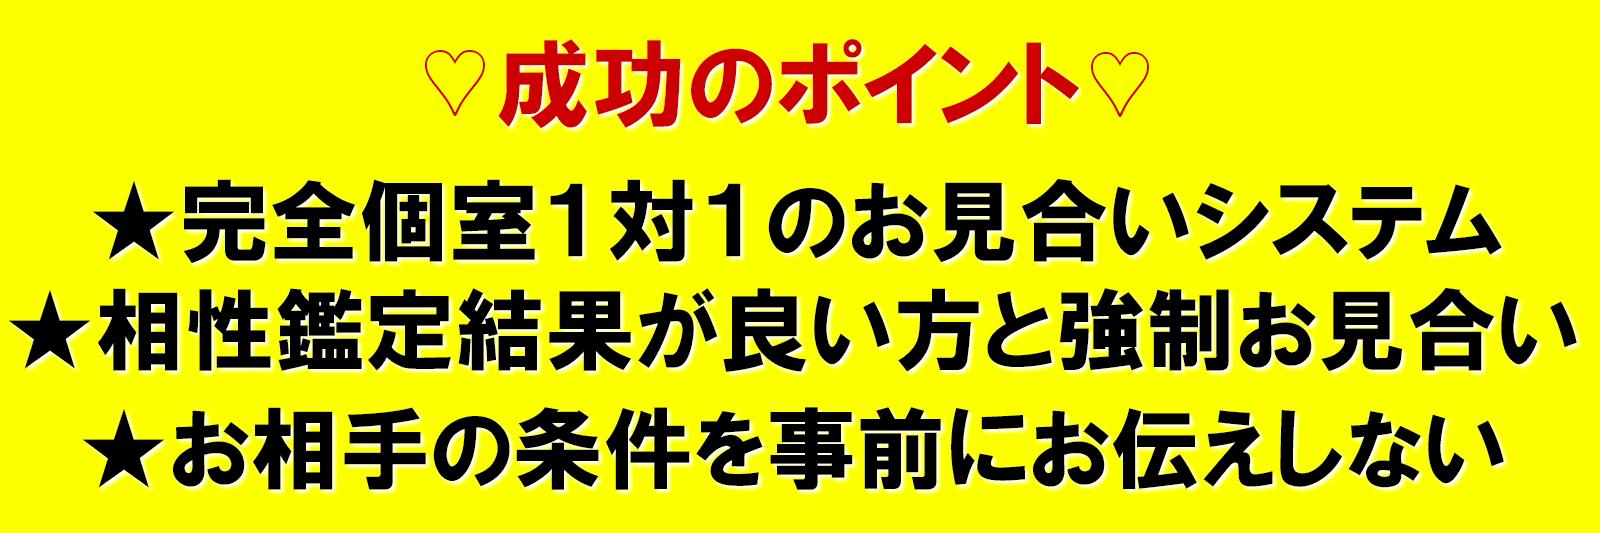 東京での婚活成功の秘訣は、お互いの条件(容姿・年齢・年収)を知らせず強制的にお見合いをして頂く点です。